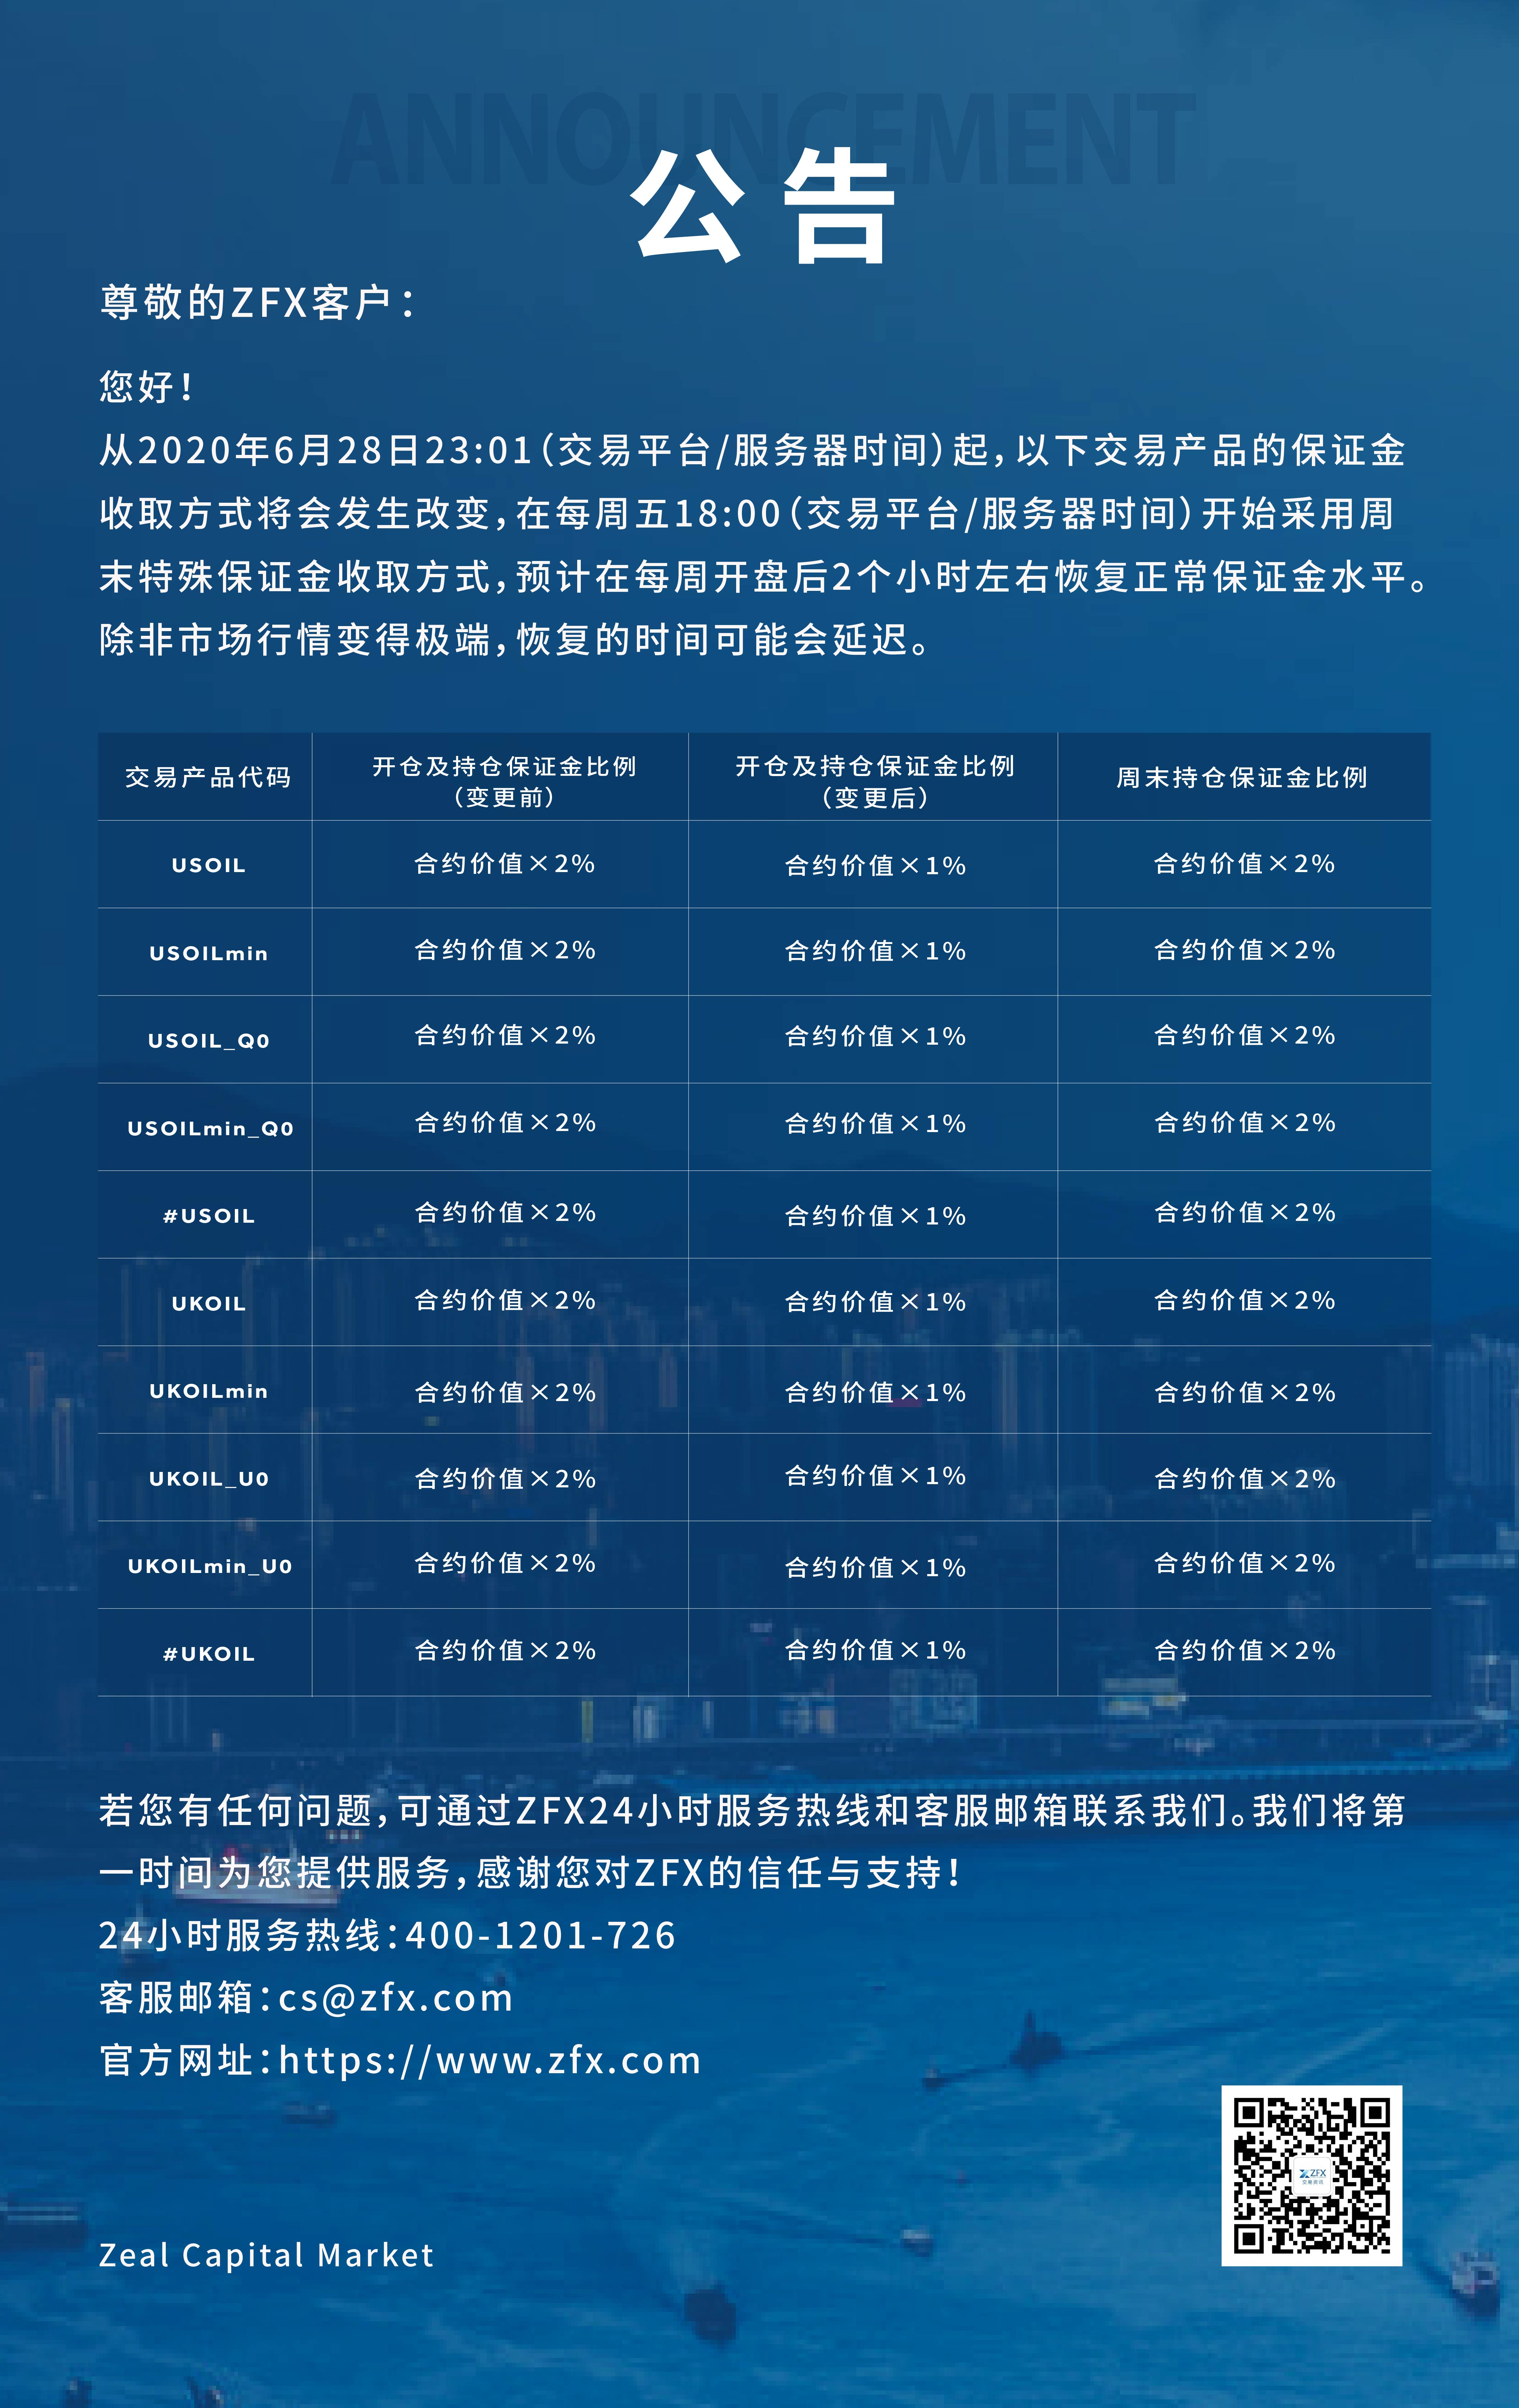 ZFX公告:原油相关交易产品保证金水平变更的通知